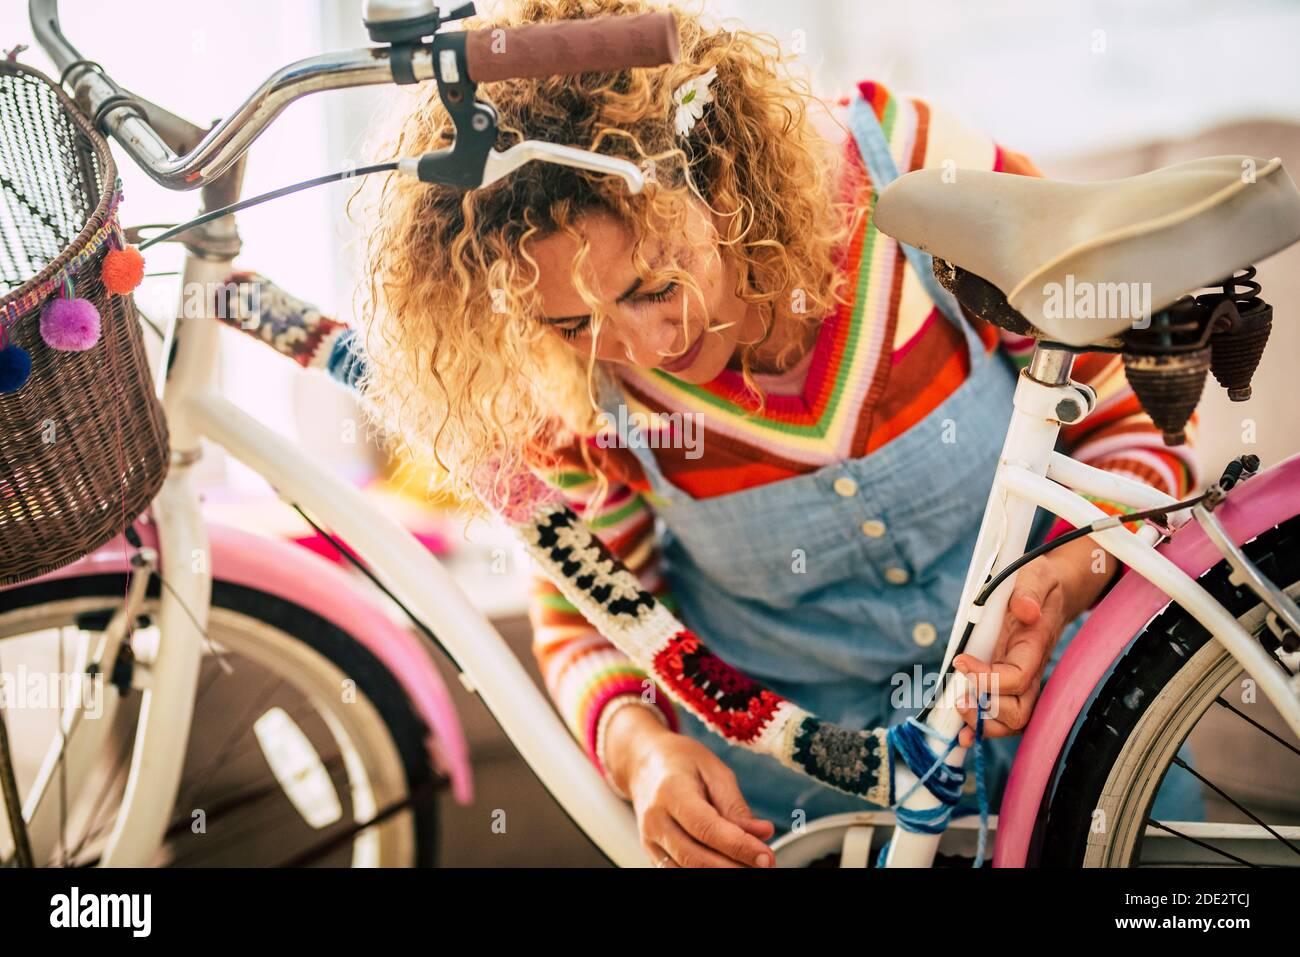 Belle femme adulte faire bricolage réparation et restauration à la maison d'un vélo utilisant de la laine de couleur - concep tof personnes en intérieur, activités de loisirs en verrouillage Banque D'Images